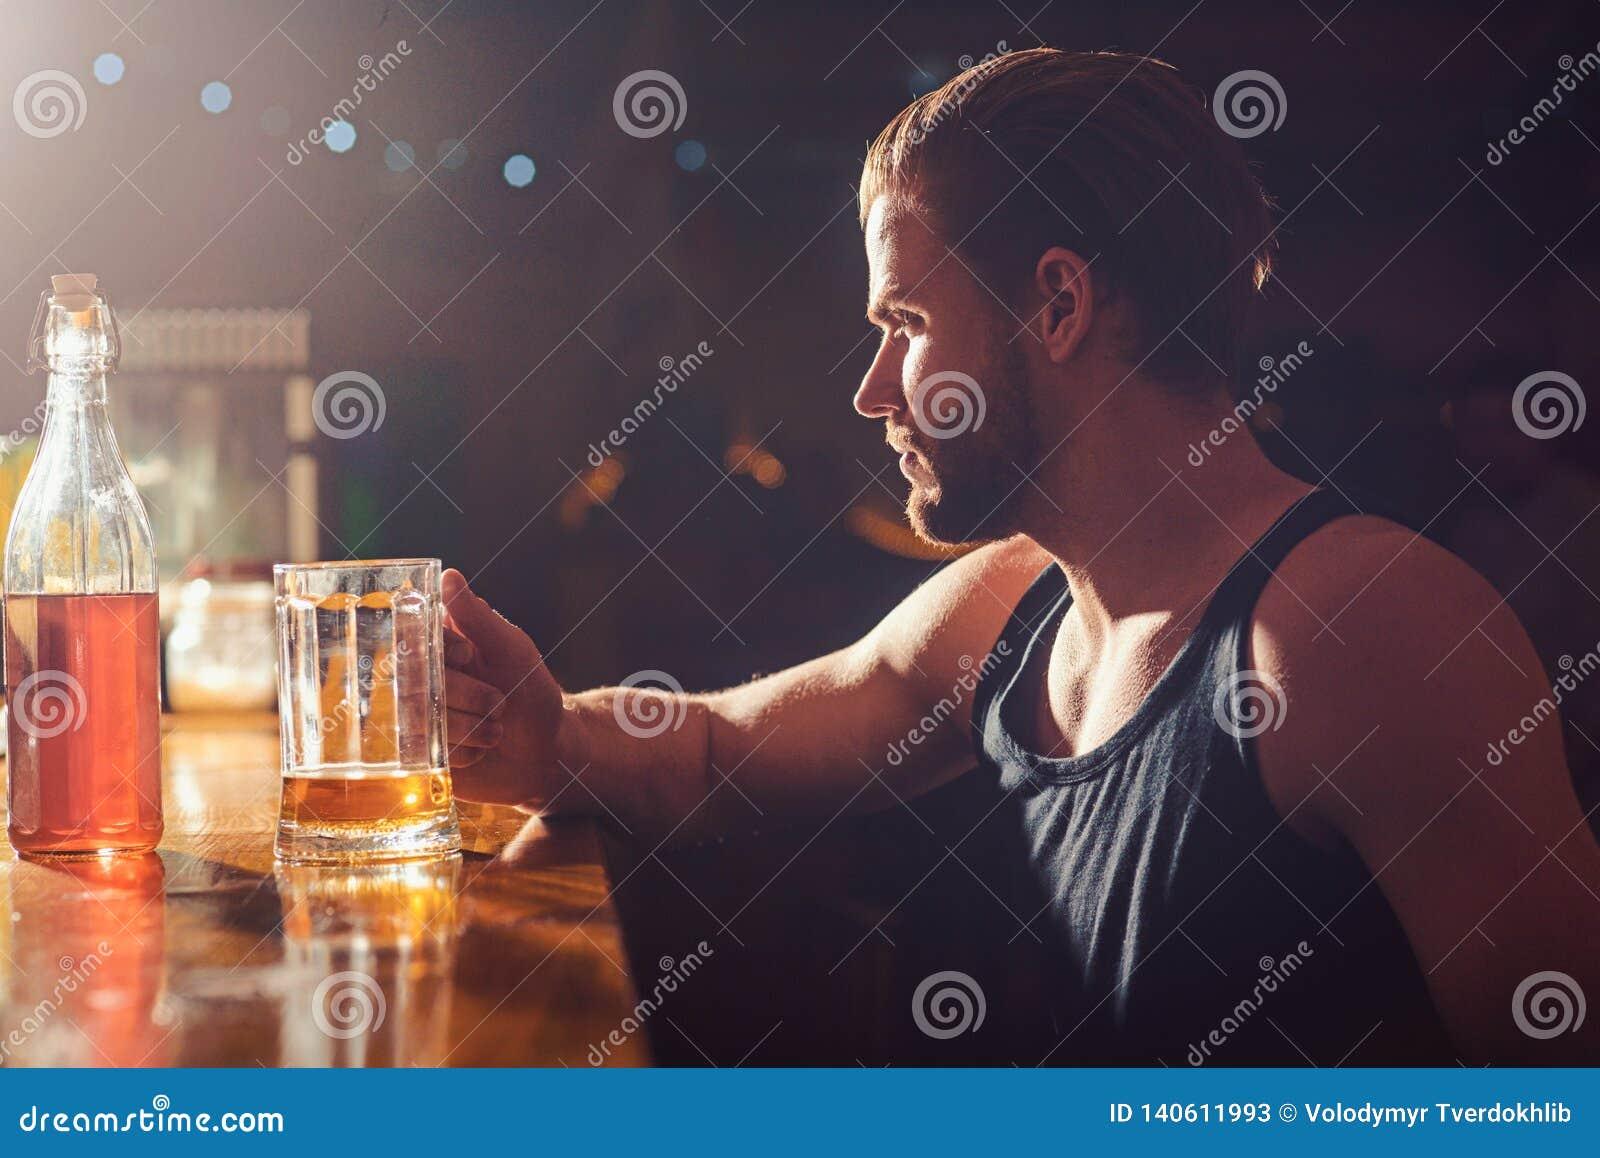 Αναζωογονώντας μπύρα που πίνει αυτή τη στιγμή Εθισμός οινοπνεύματος και κακή συνήθεια Πότης ατόμων στο μπαρ Το όμορφο άτομο πίνει